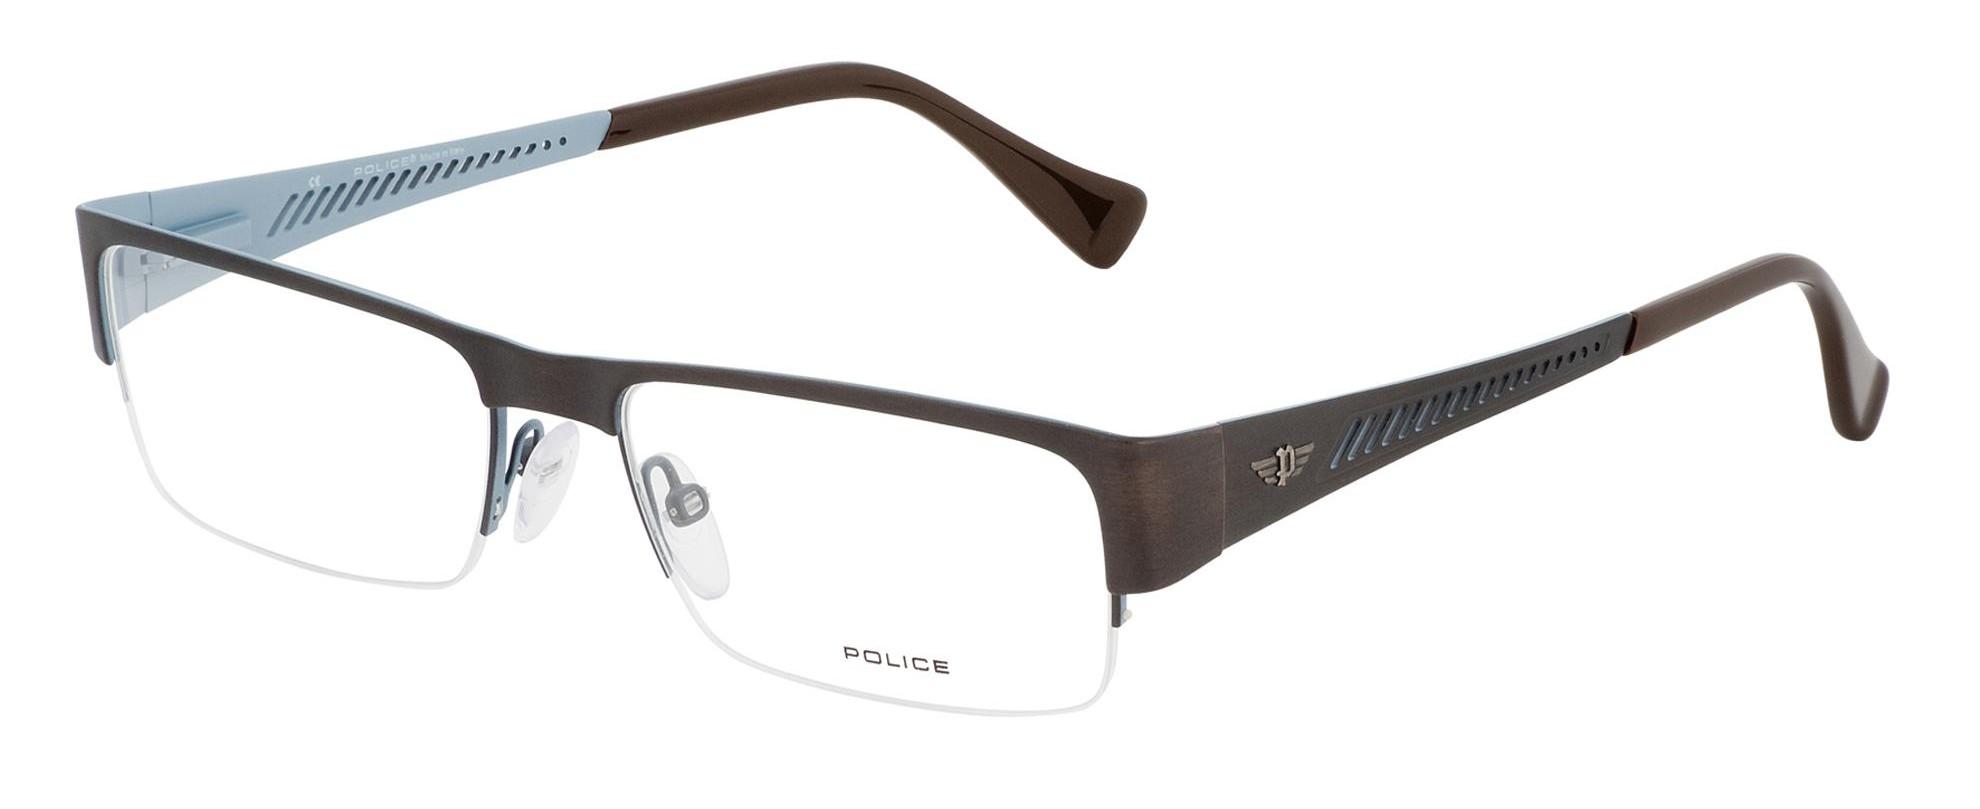 Optical Glasses Police : Police Rimless Eyeglasses - Police V1770, Police V1770M ...